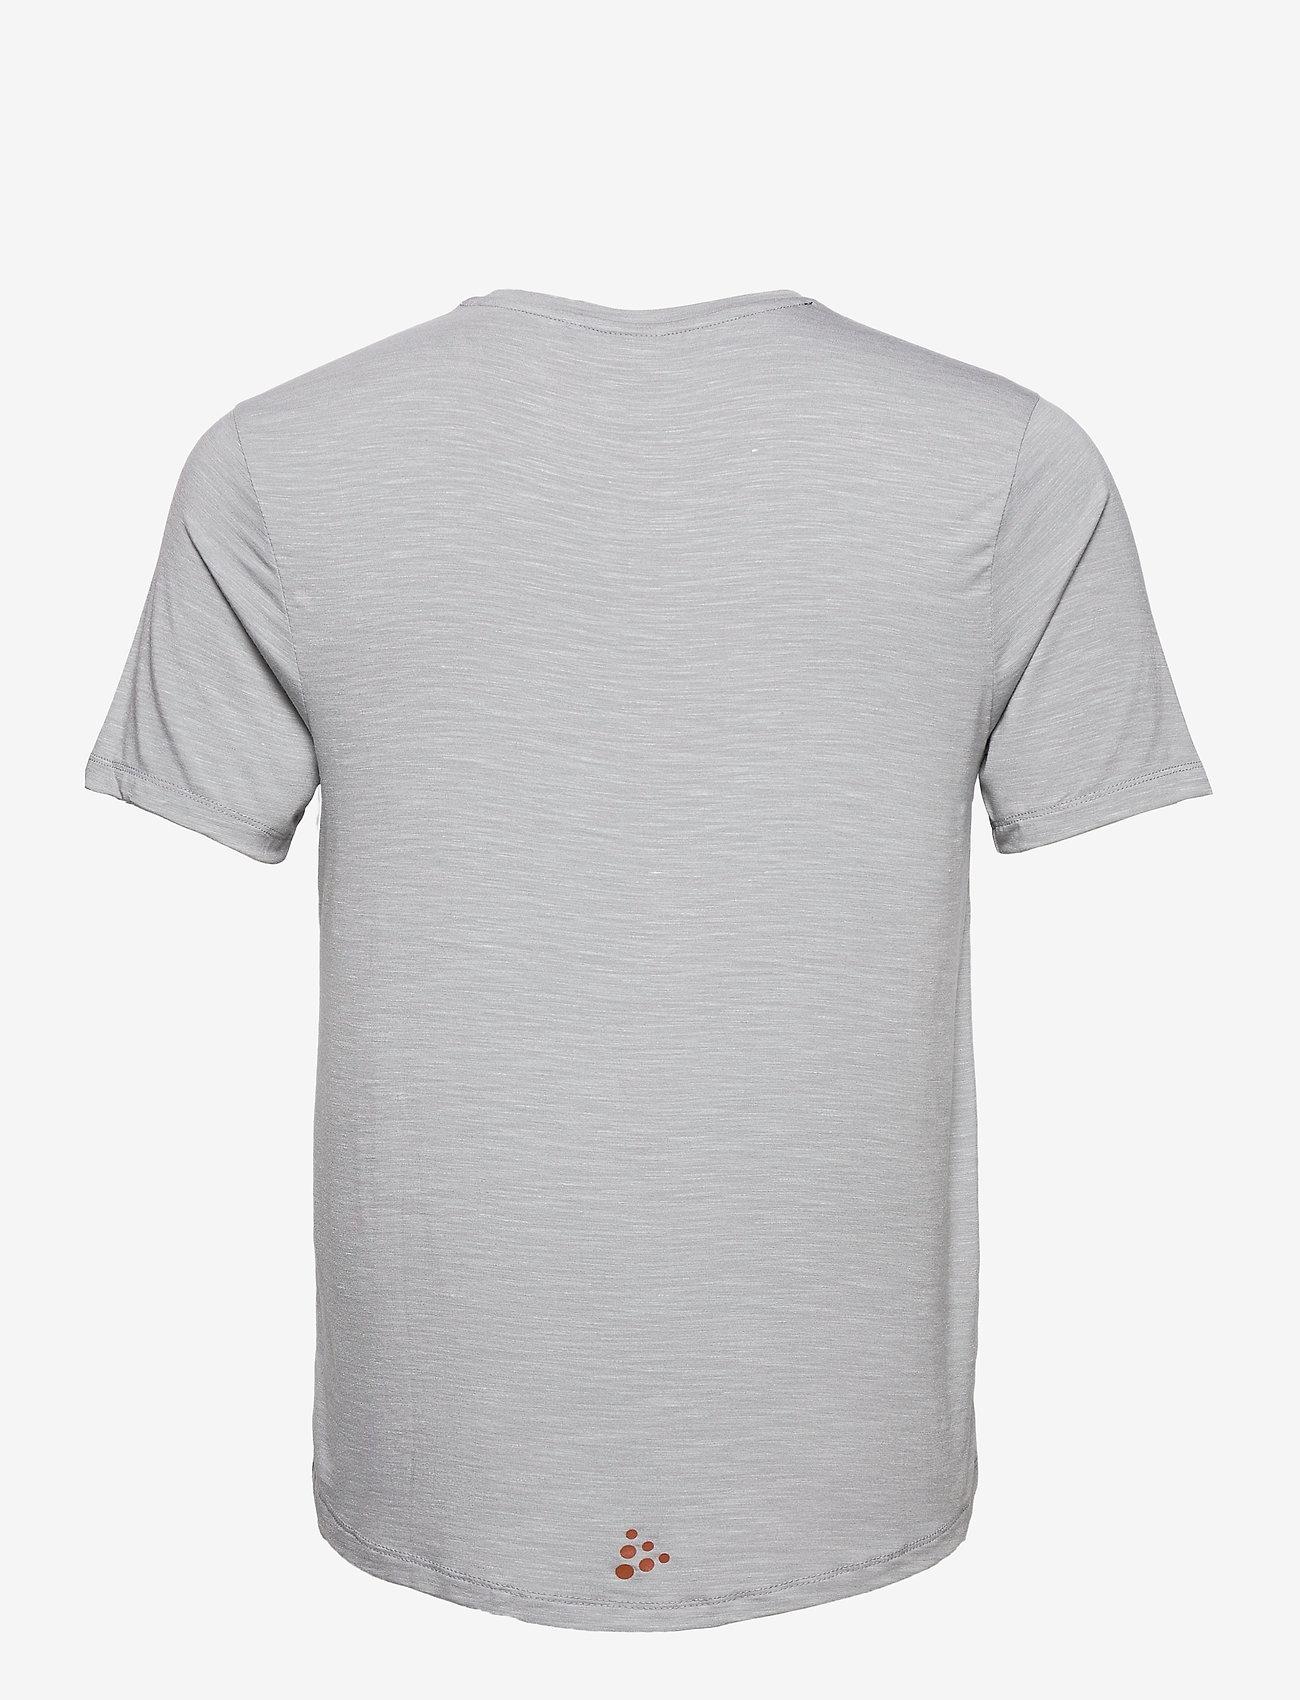 Craft CORE SENCE SS TEE M - T-skjorter GREY MELANGE - Menn Klær